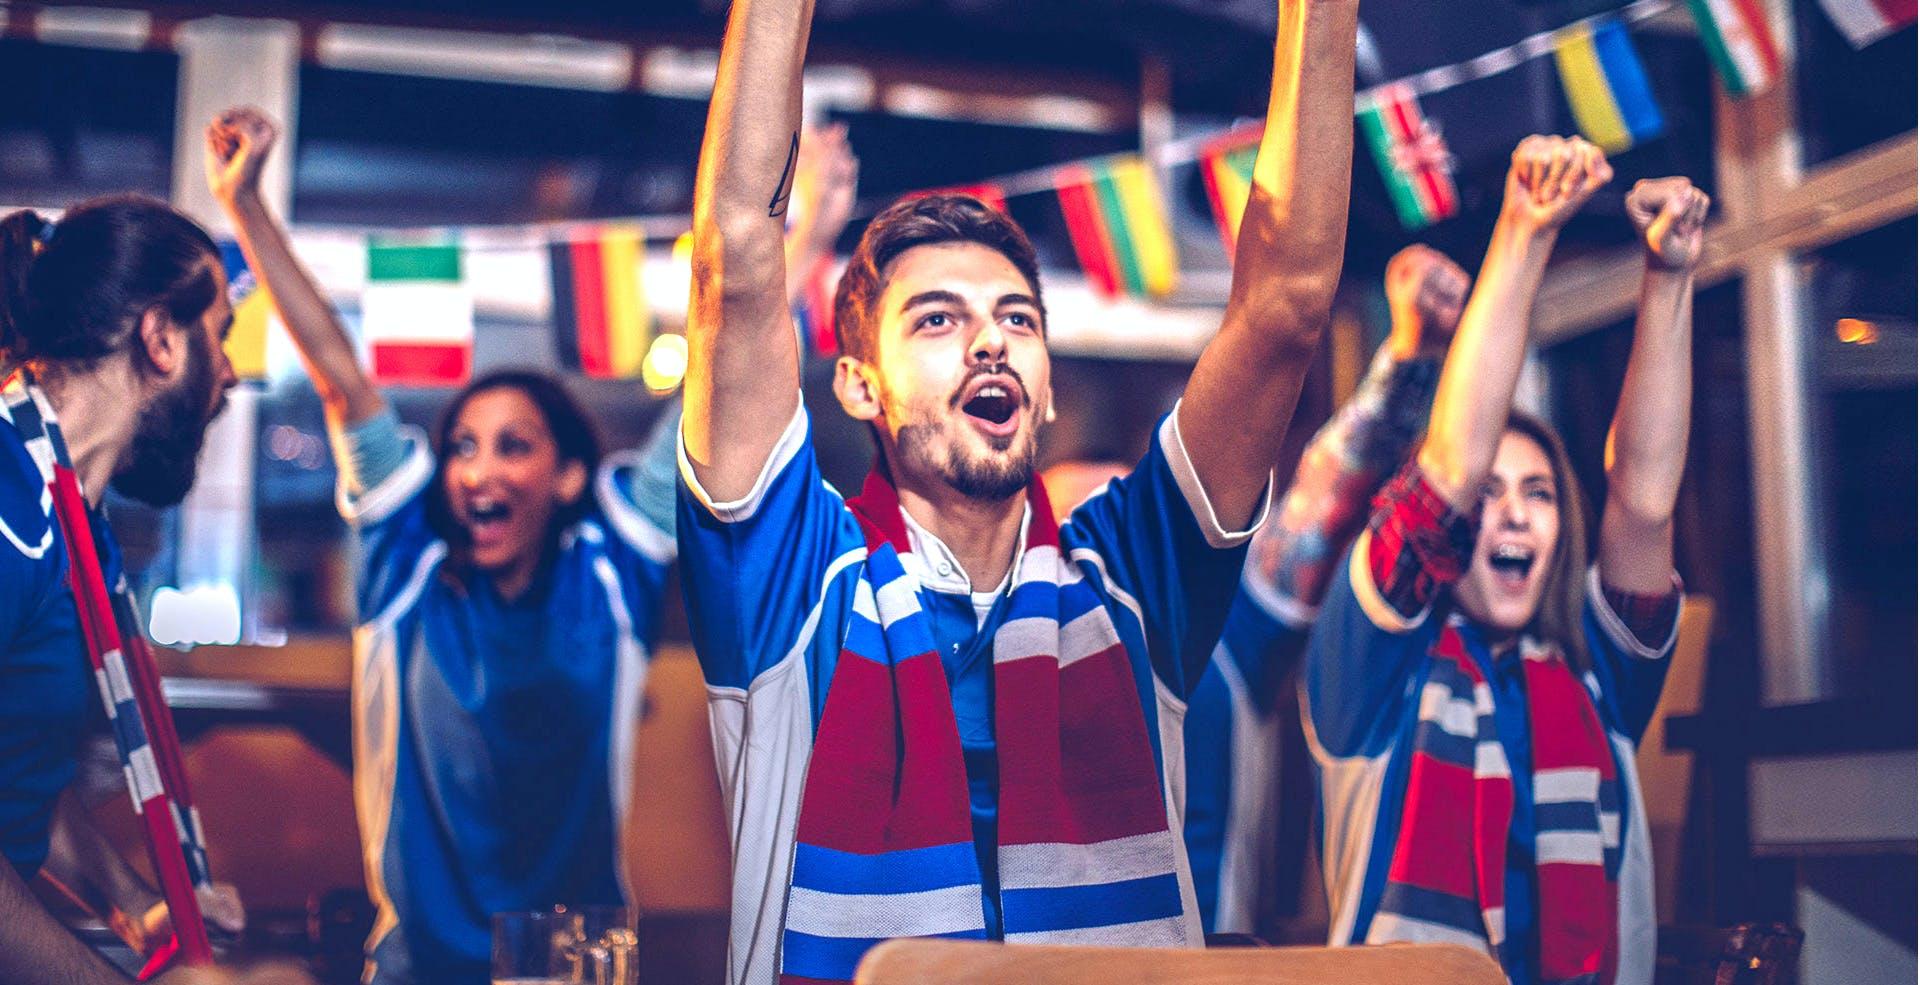 Sky trasmetterà tutta la Champions League, anche le partite di Amazon, nei bar e nei luoghi pubblici